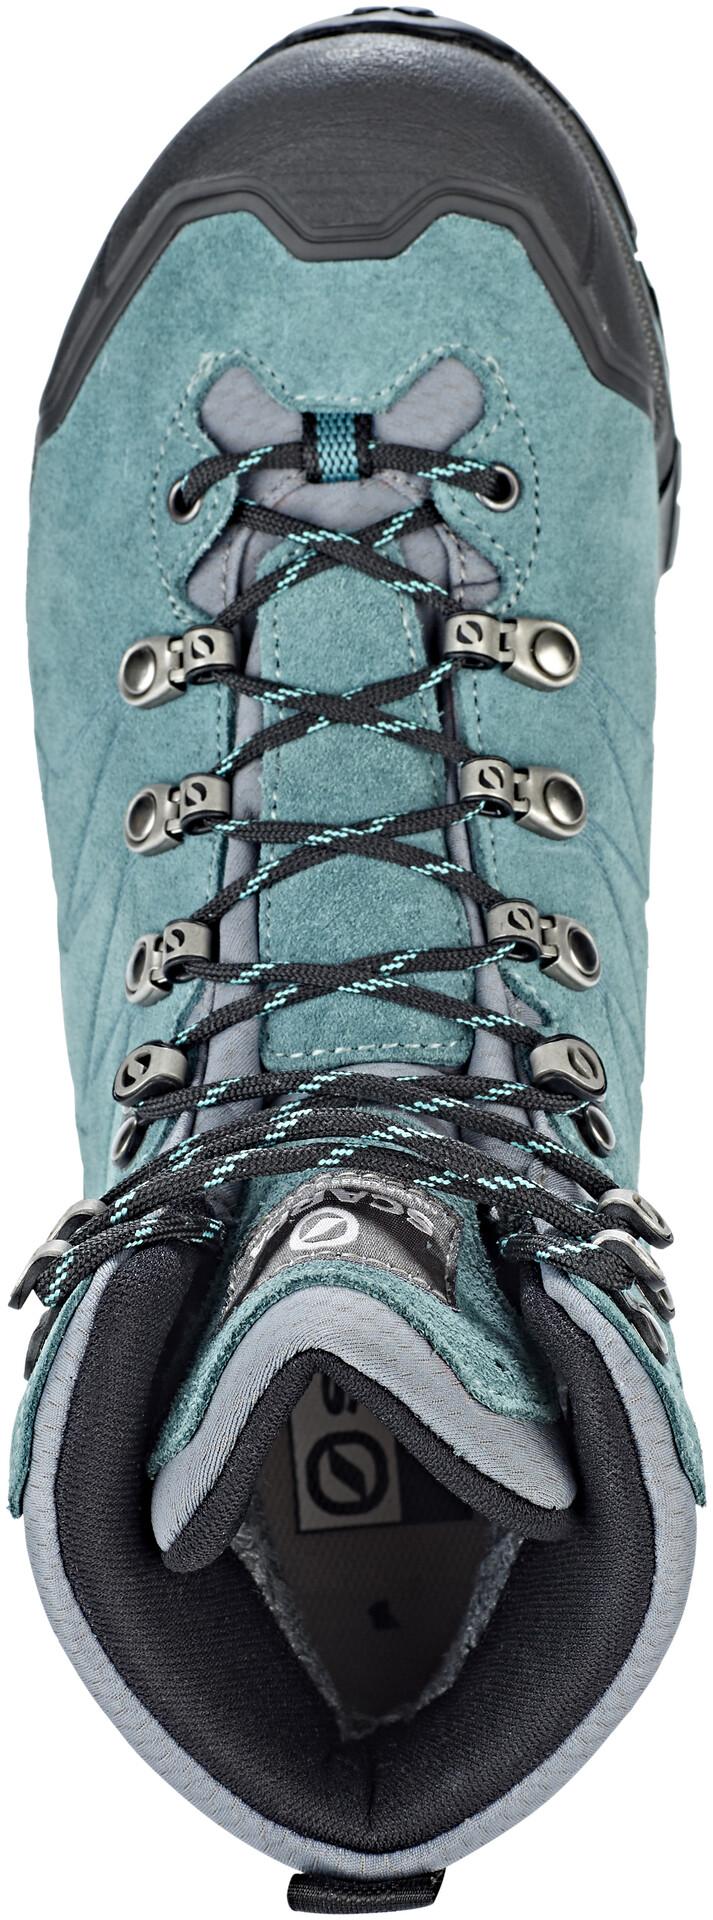 Scarpa ZG Trek GTX Schuhe Damen nile bluelagoon